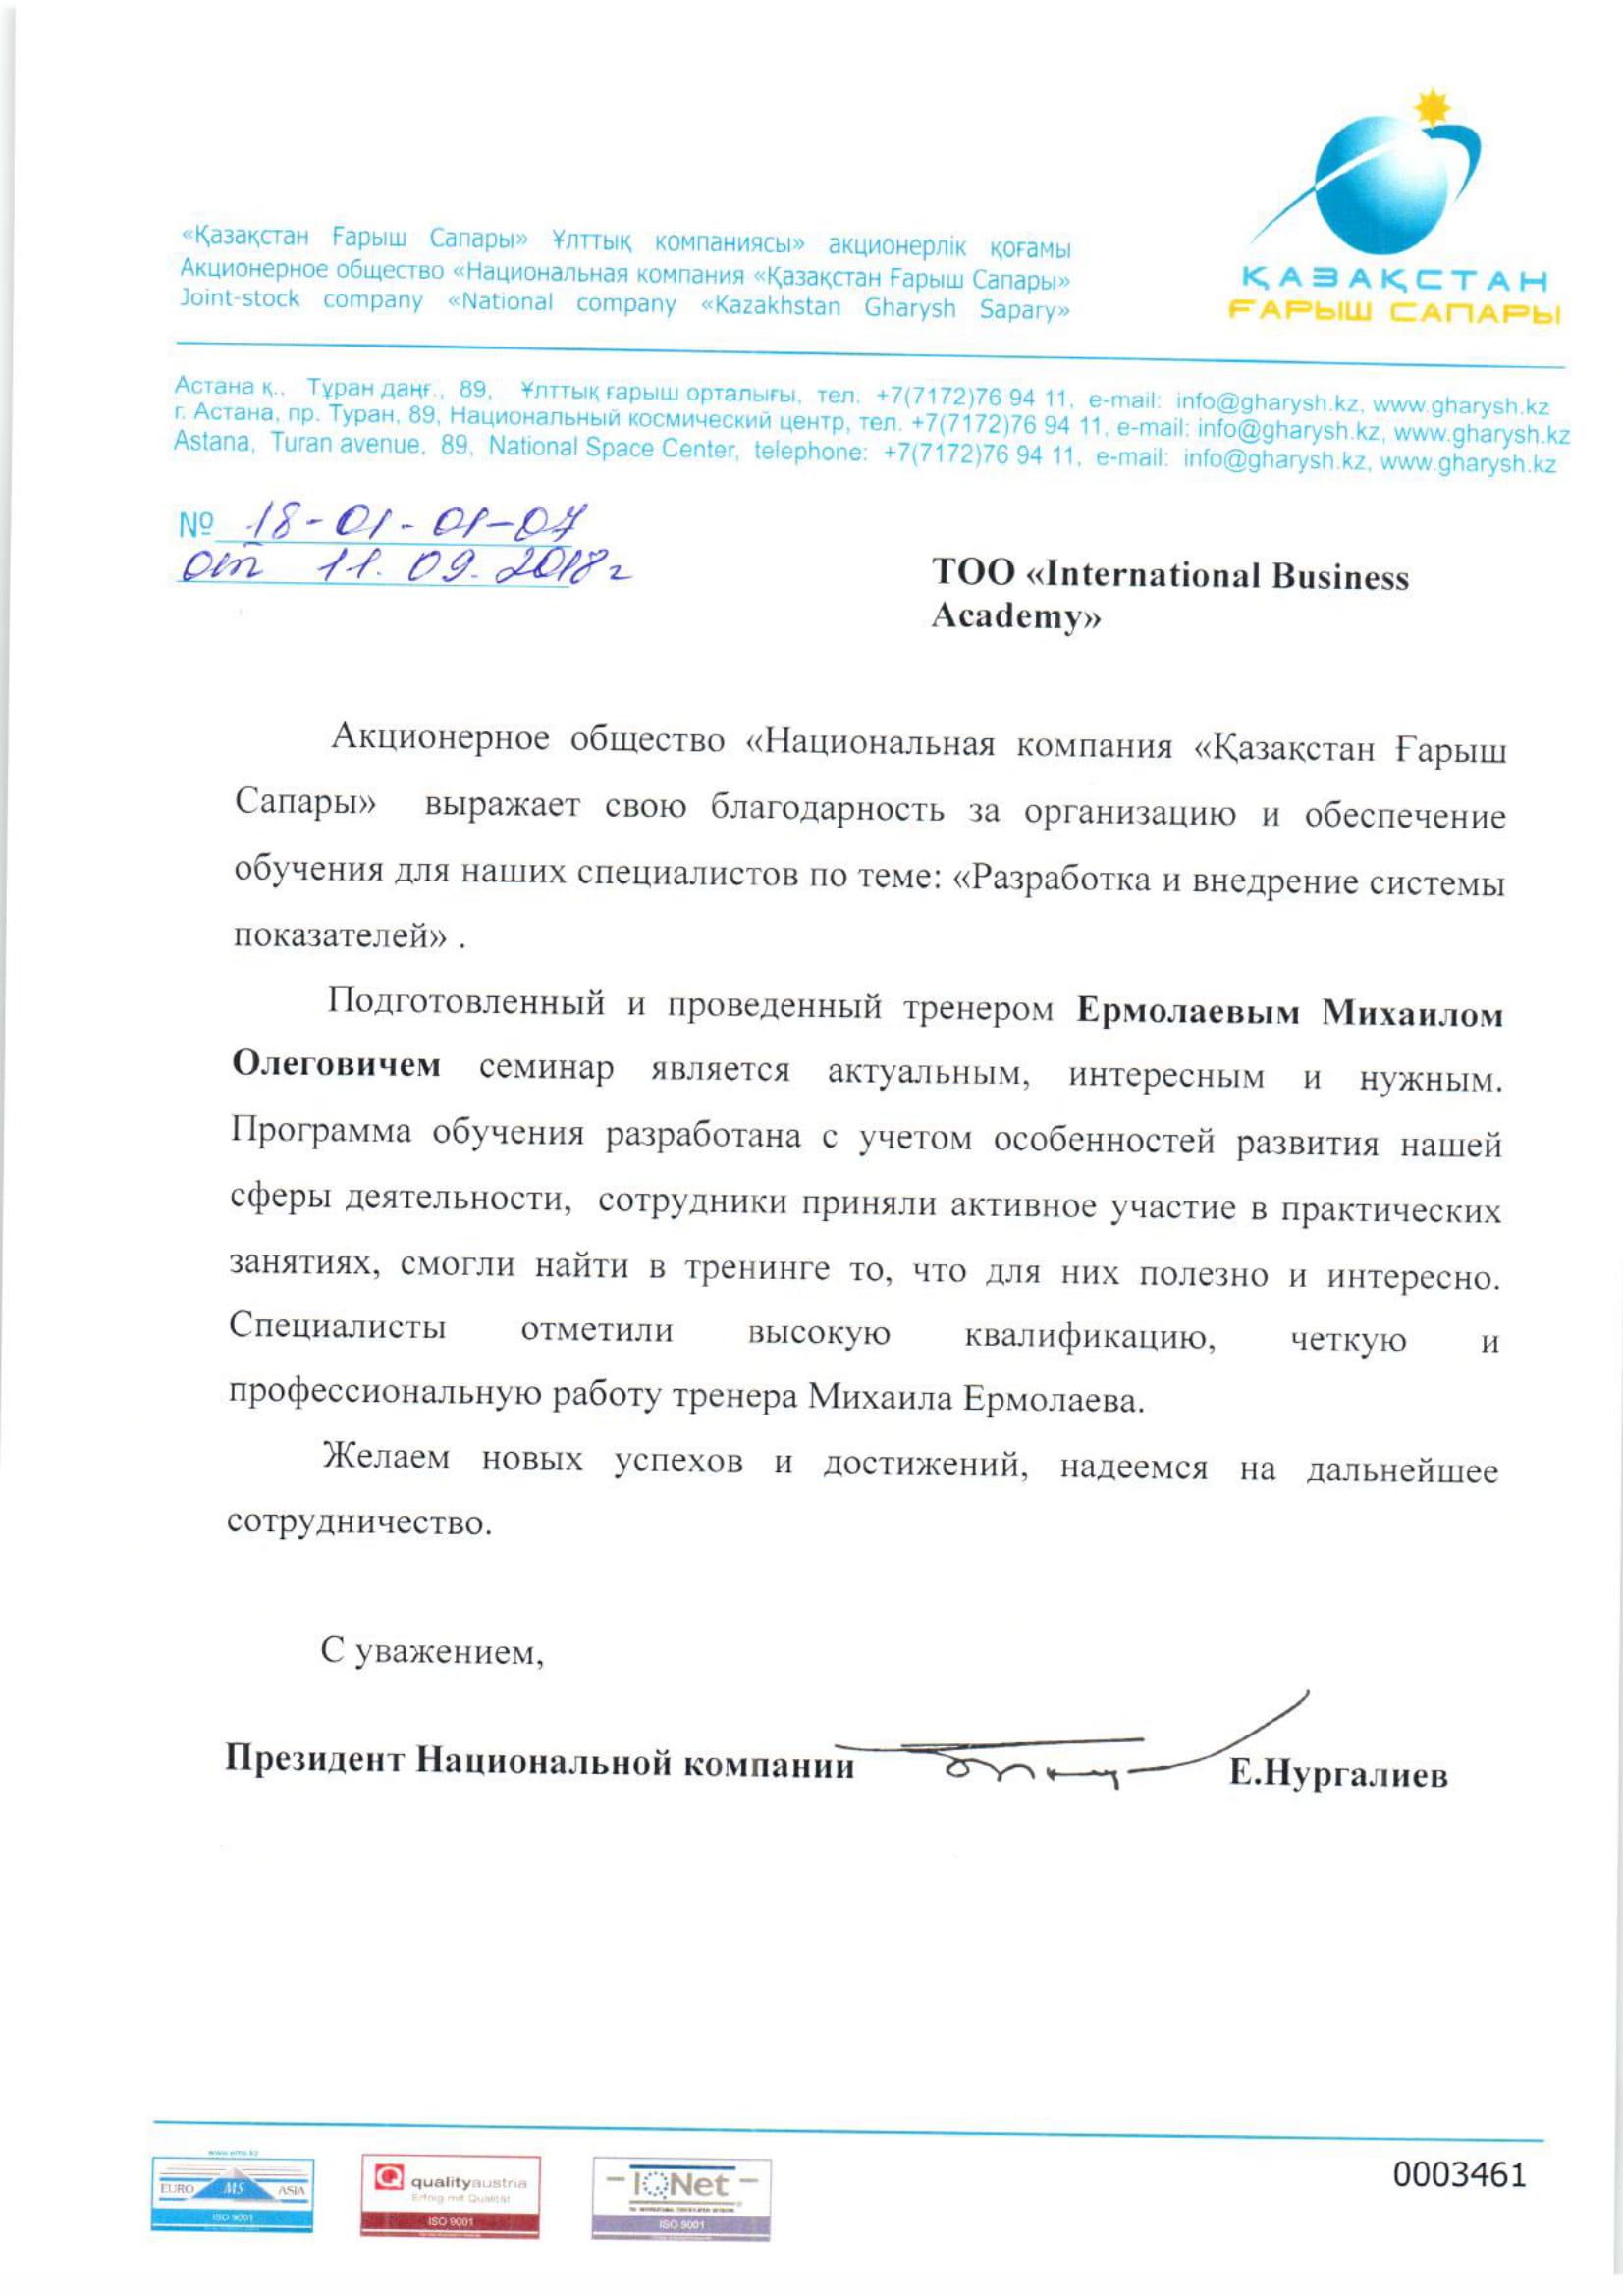 Тренер-АО-Казахстан-Гарыш-Сапары